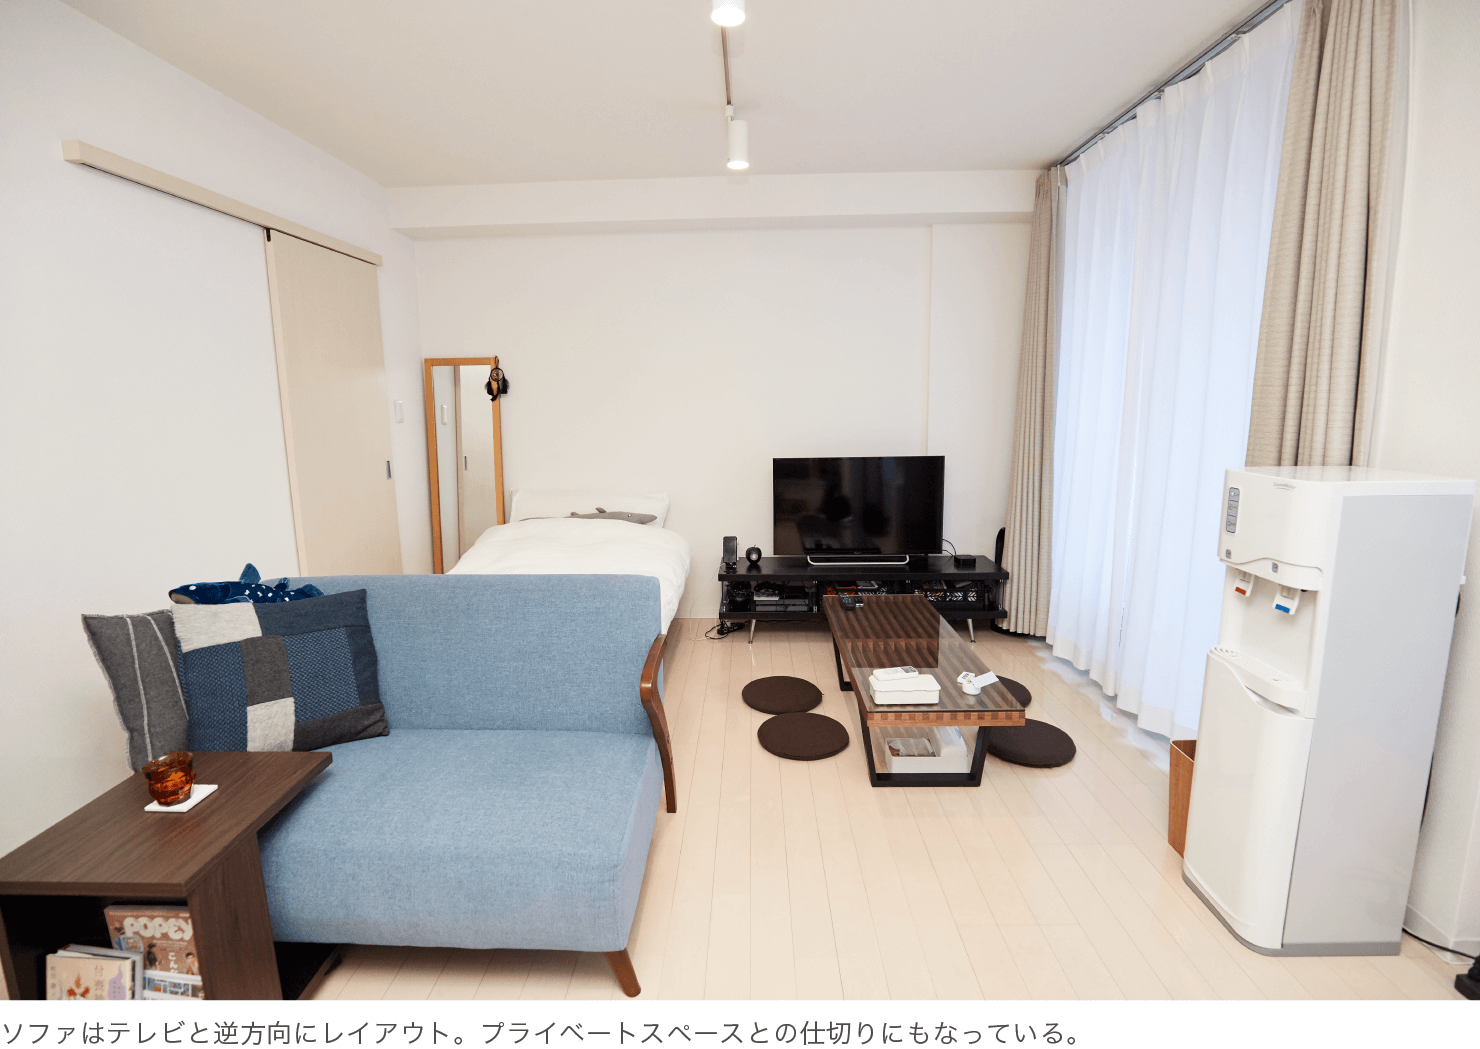 ソファはテレビと逆方向にレイアウト。プライベートスペースとの仕切りにもなっている。